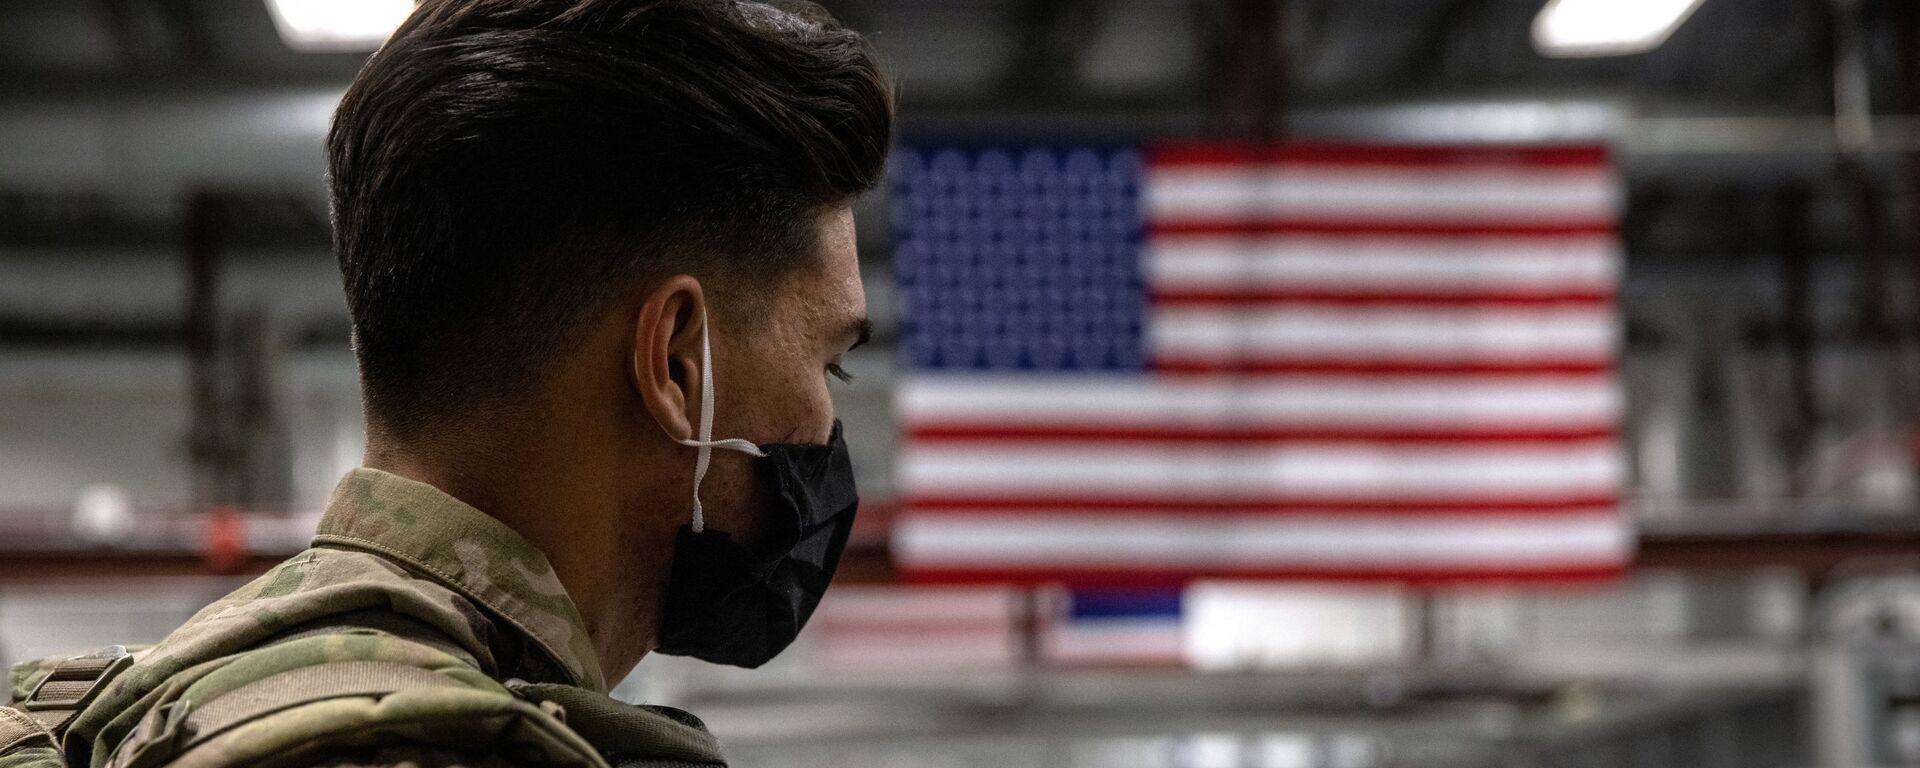 Quân nhân Hoa Kỳ sau khi trở về từ Afghanistan - Sputnik Việt Nam, 1920, 22.09.2021